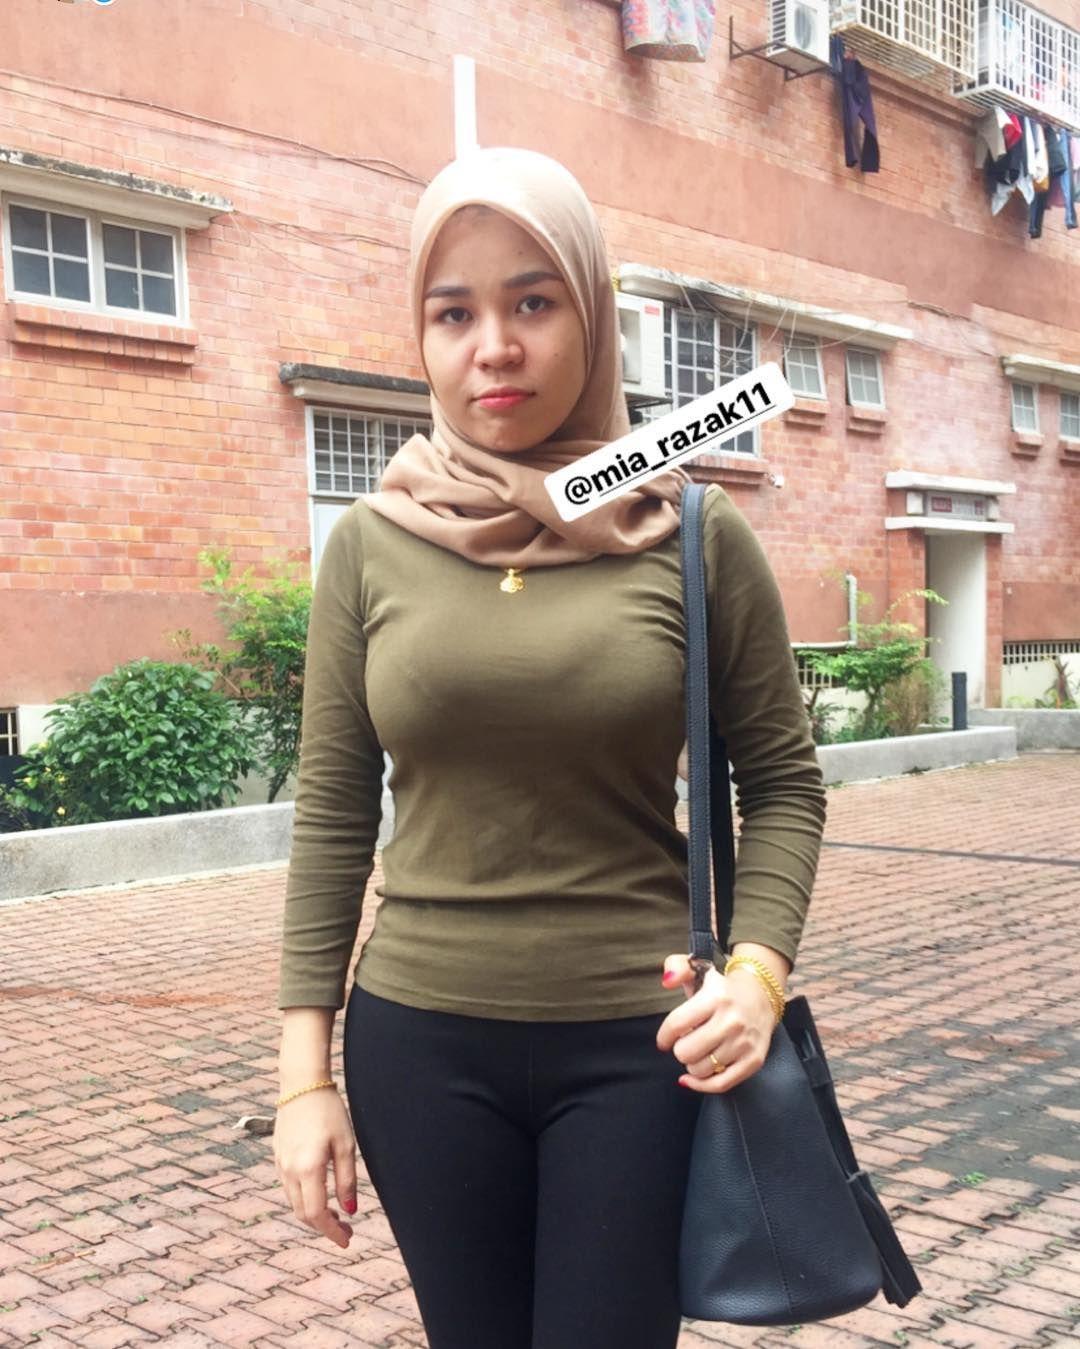 Gambar Mungkin Berisi 1 Orang Berdiri: Gaya Hijab, Wanita Cantik, Dan Wanita